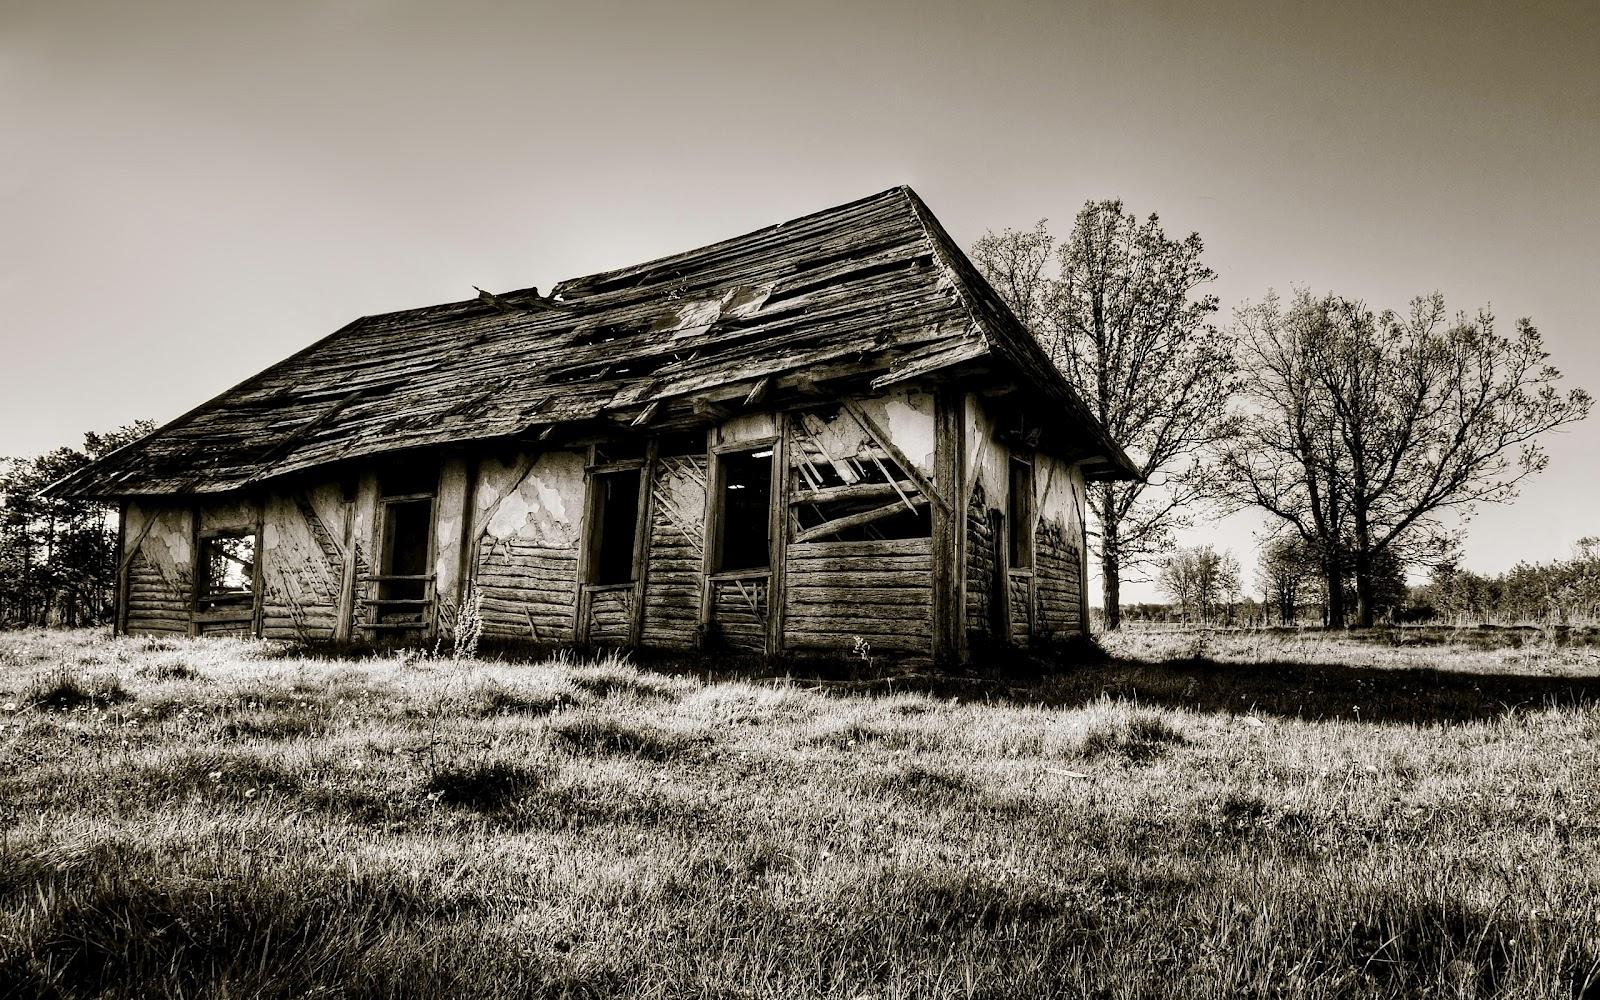 http://4.bp.blogspot.com/-BDMgrtNsaTQ/UEnmpRod3gI/AAAAAAAABRE/wJ11vrrt8Tw/s1600/Old+Building+Wallpaper+%281%29.jpeg